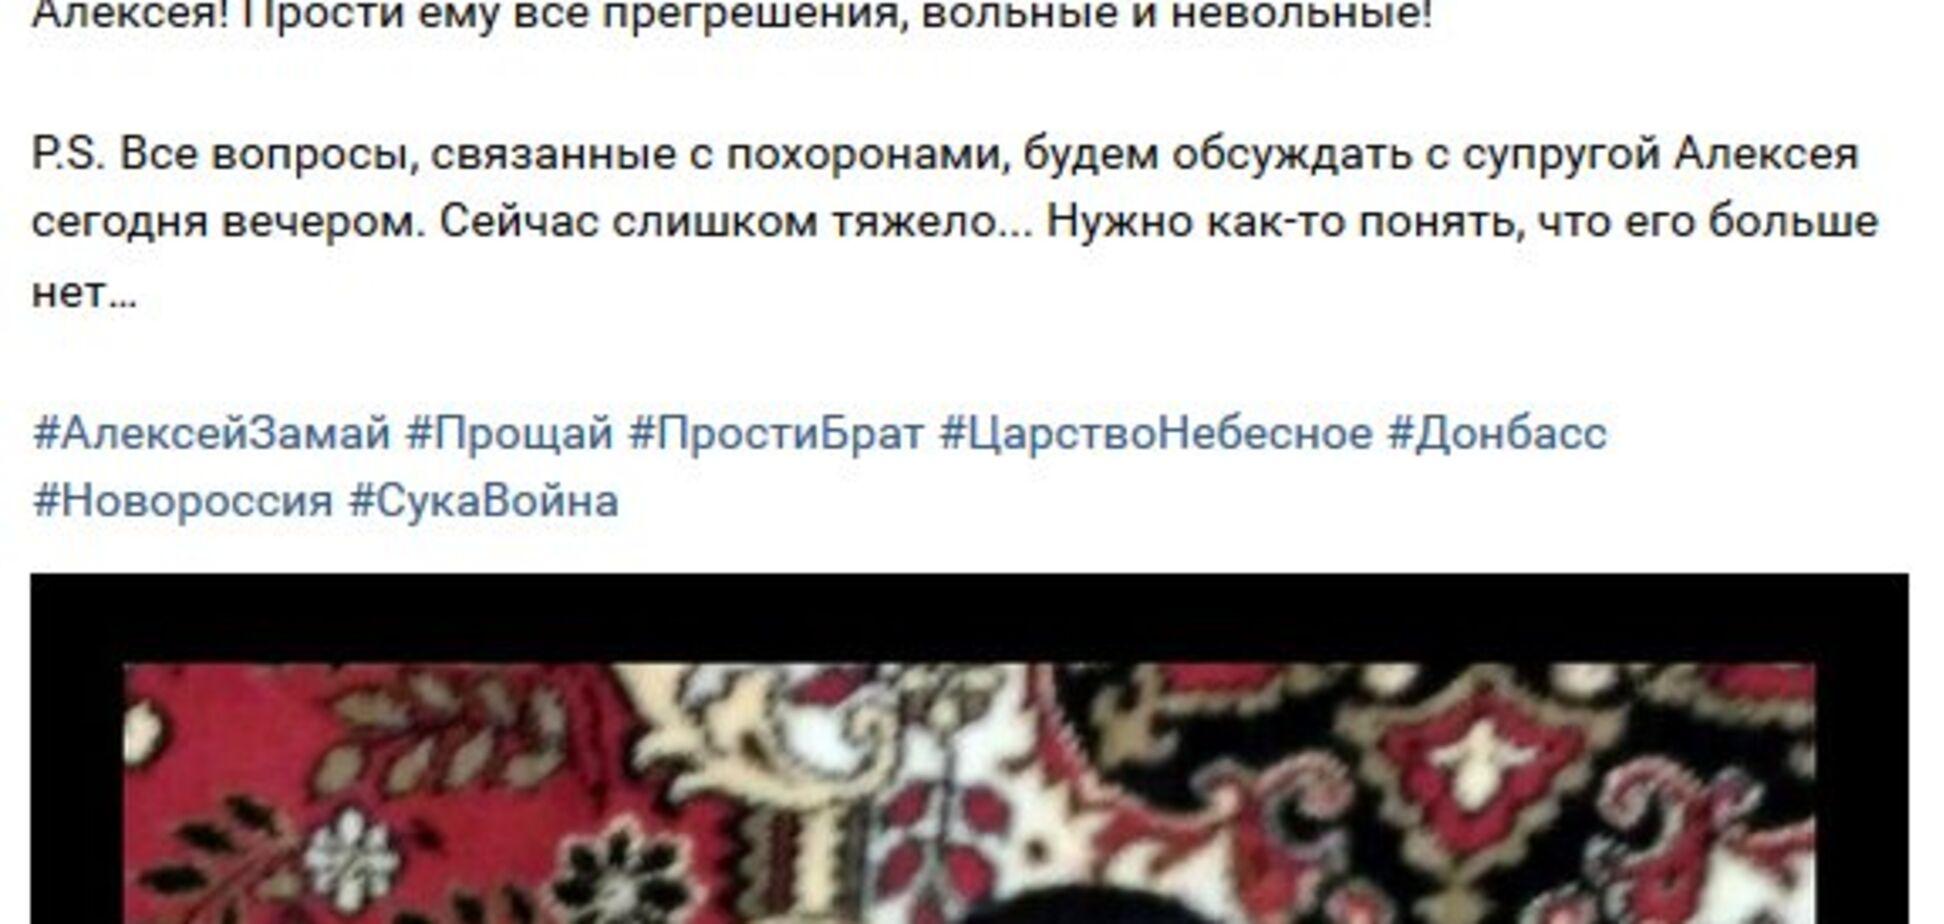 'Земля стекловатой': в сети рассказали о ликвидации 'сержанта гвардии ДНР'